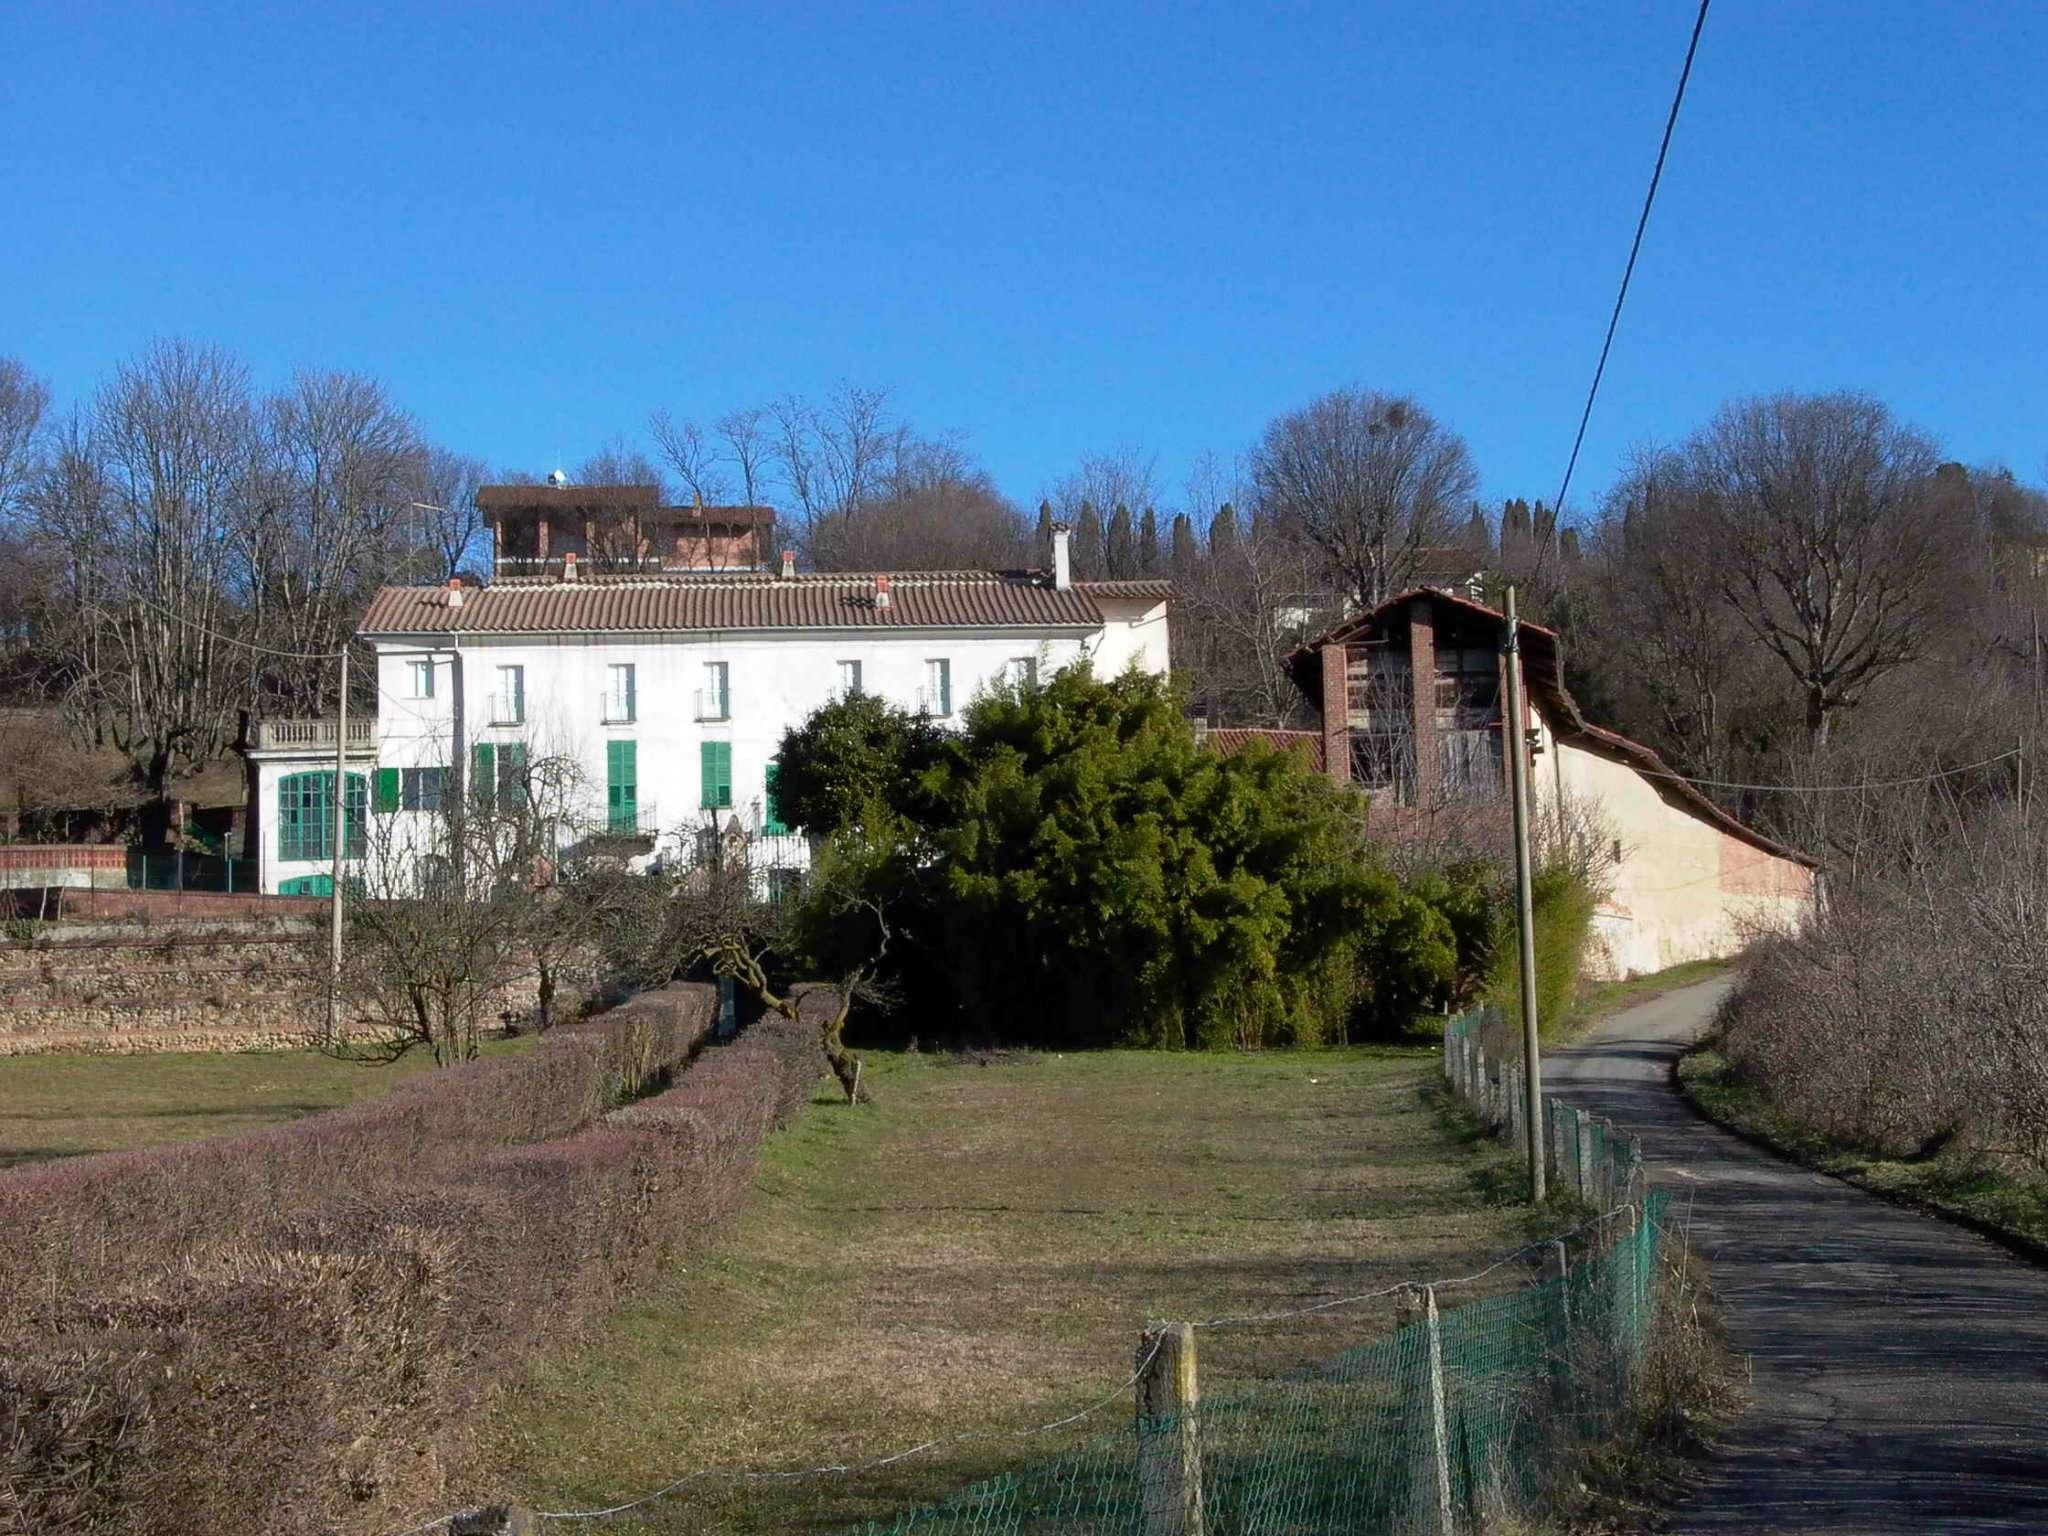 Villa in vendita a Moncalieri, 9999 locali, Trattative riservate | CambioCasa.it